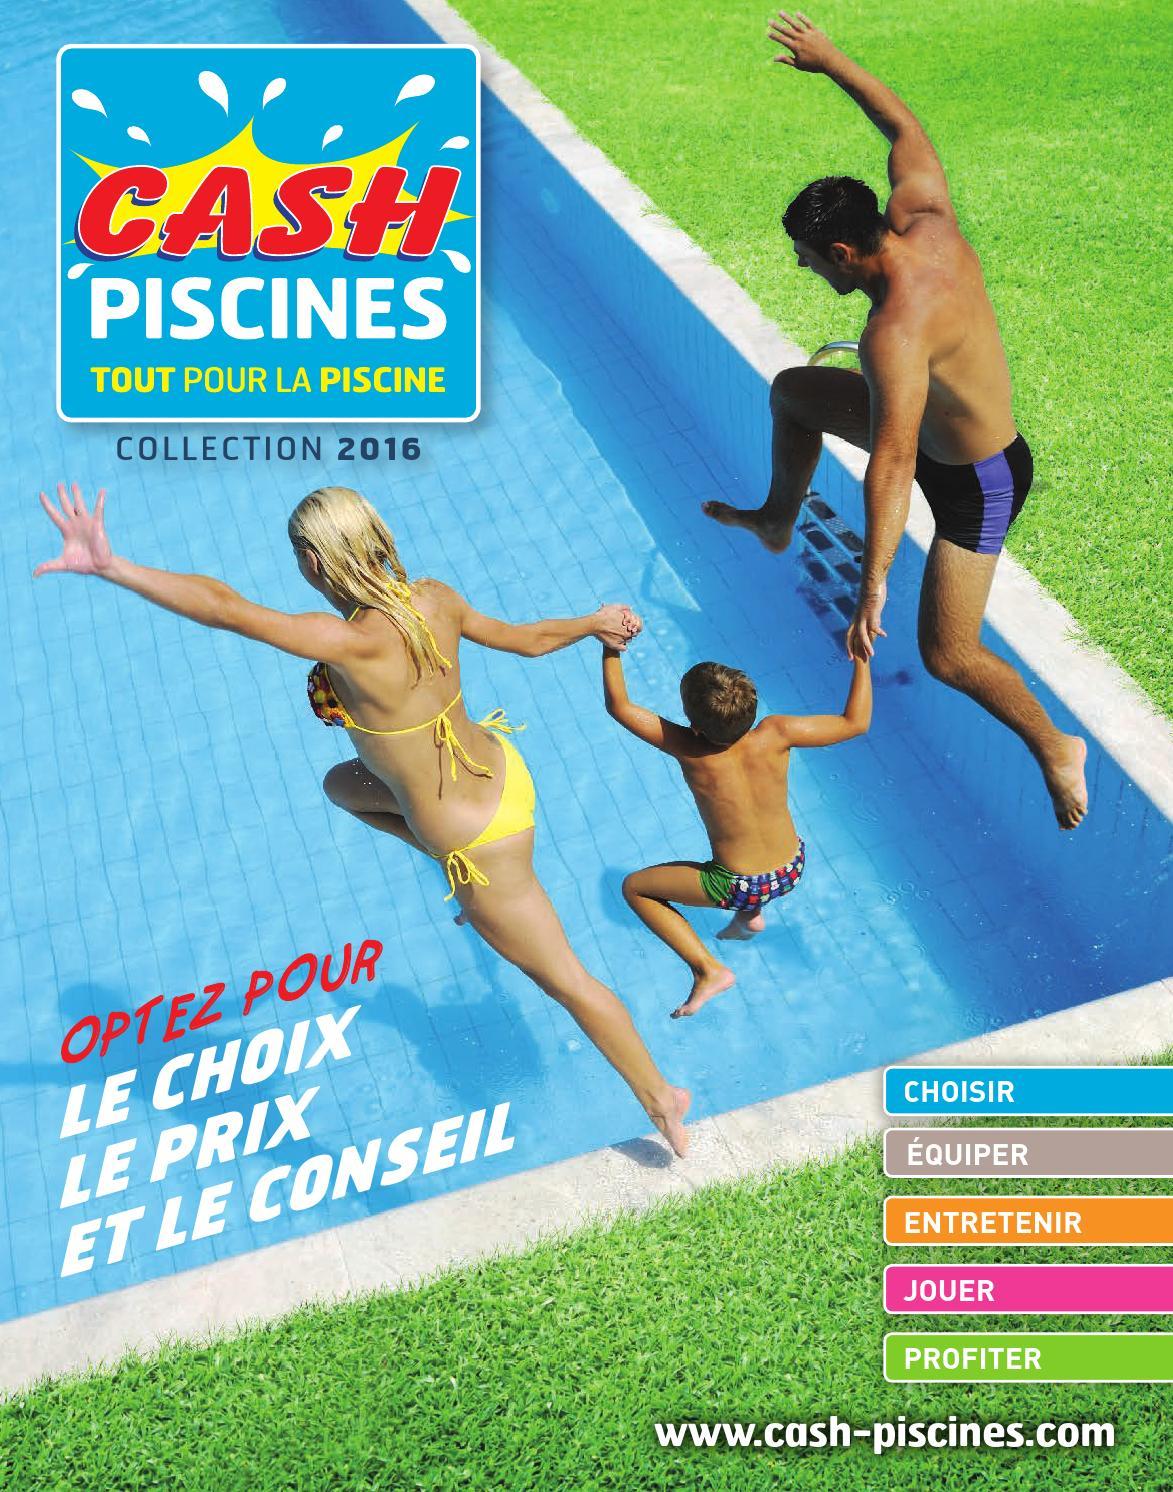 Cash Piscines 2016 By Octave Octave - Issuu avec Cash Piscine Langon